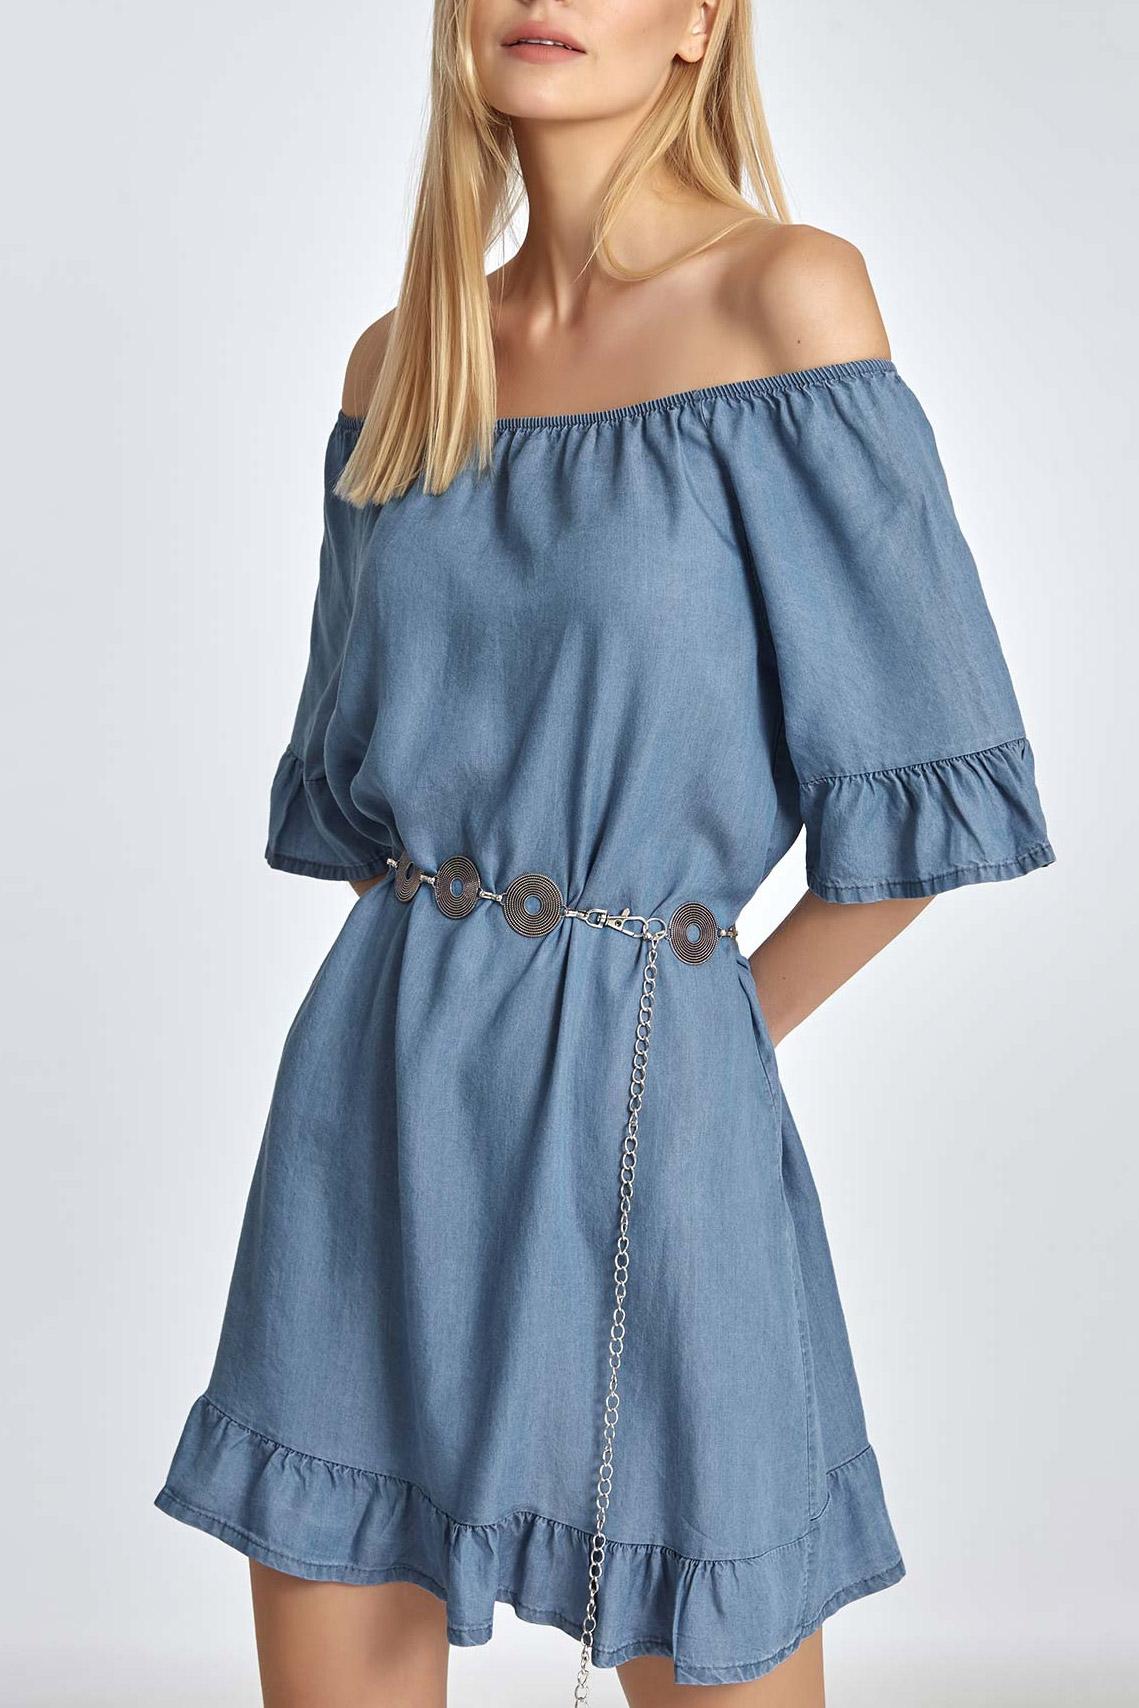 40d5db744b7c Φόρεμα με έξω ώμους και βολάν σε ίντιγκο χρώμα